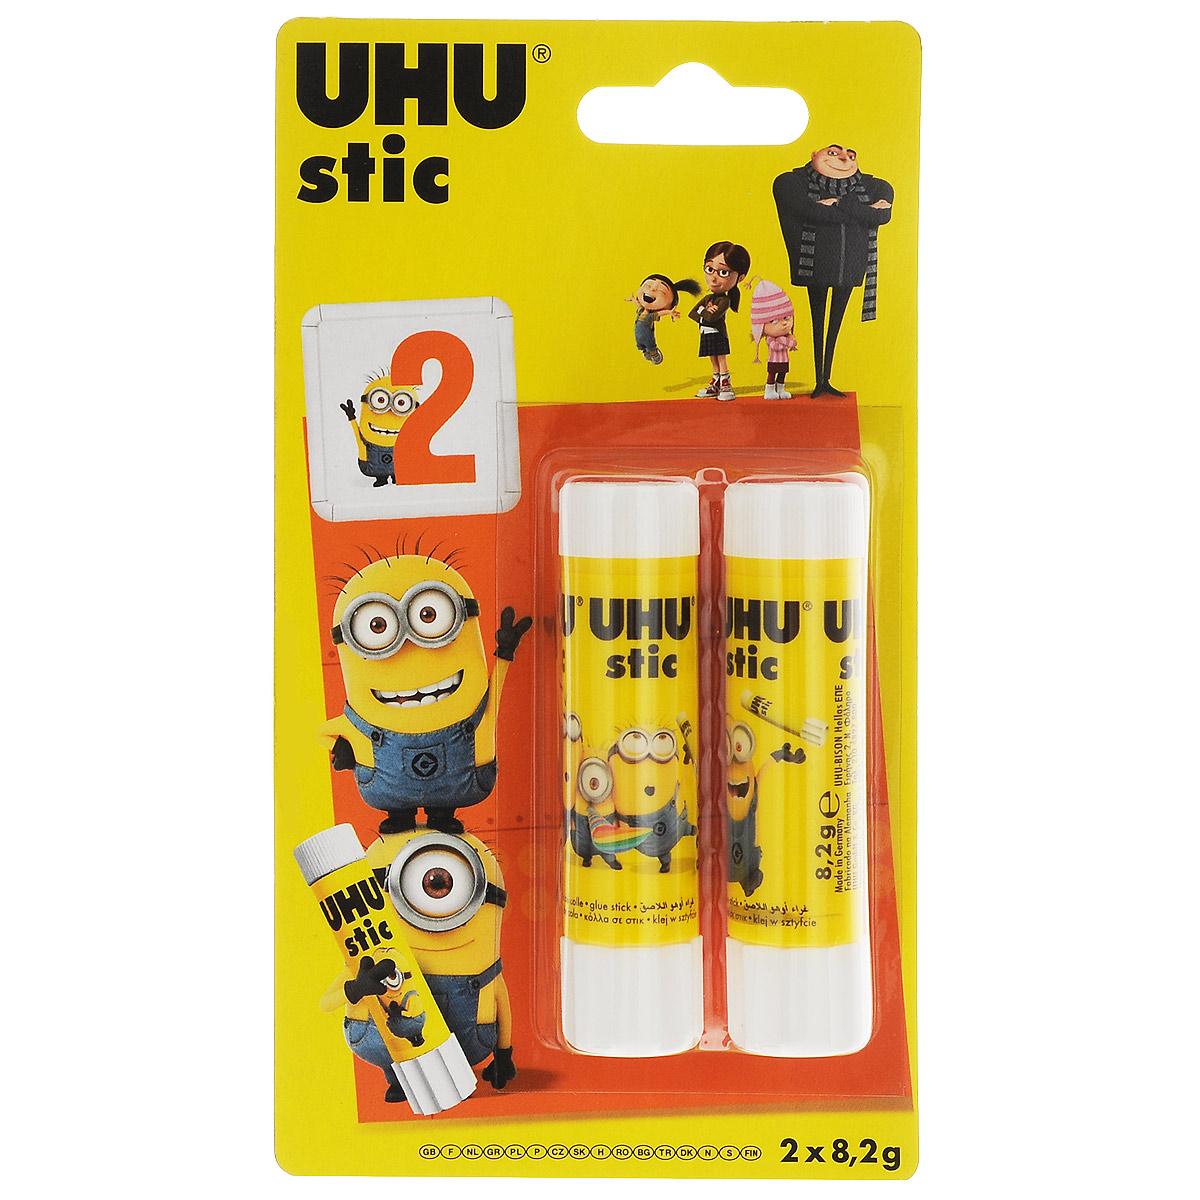 Клеящий карандаш Uhu Гадкий Я 2, 8,2 г, 2 шт карандаш клеящий forum office collection 20 гр